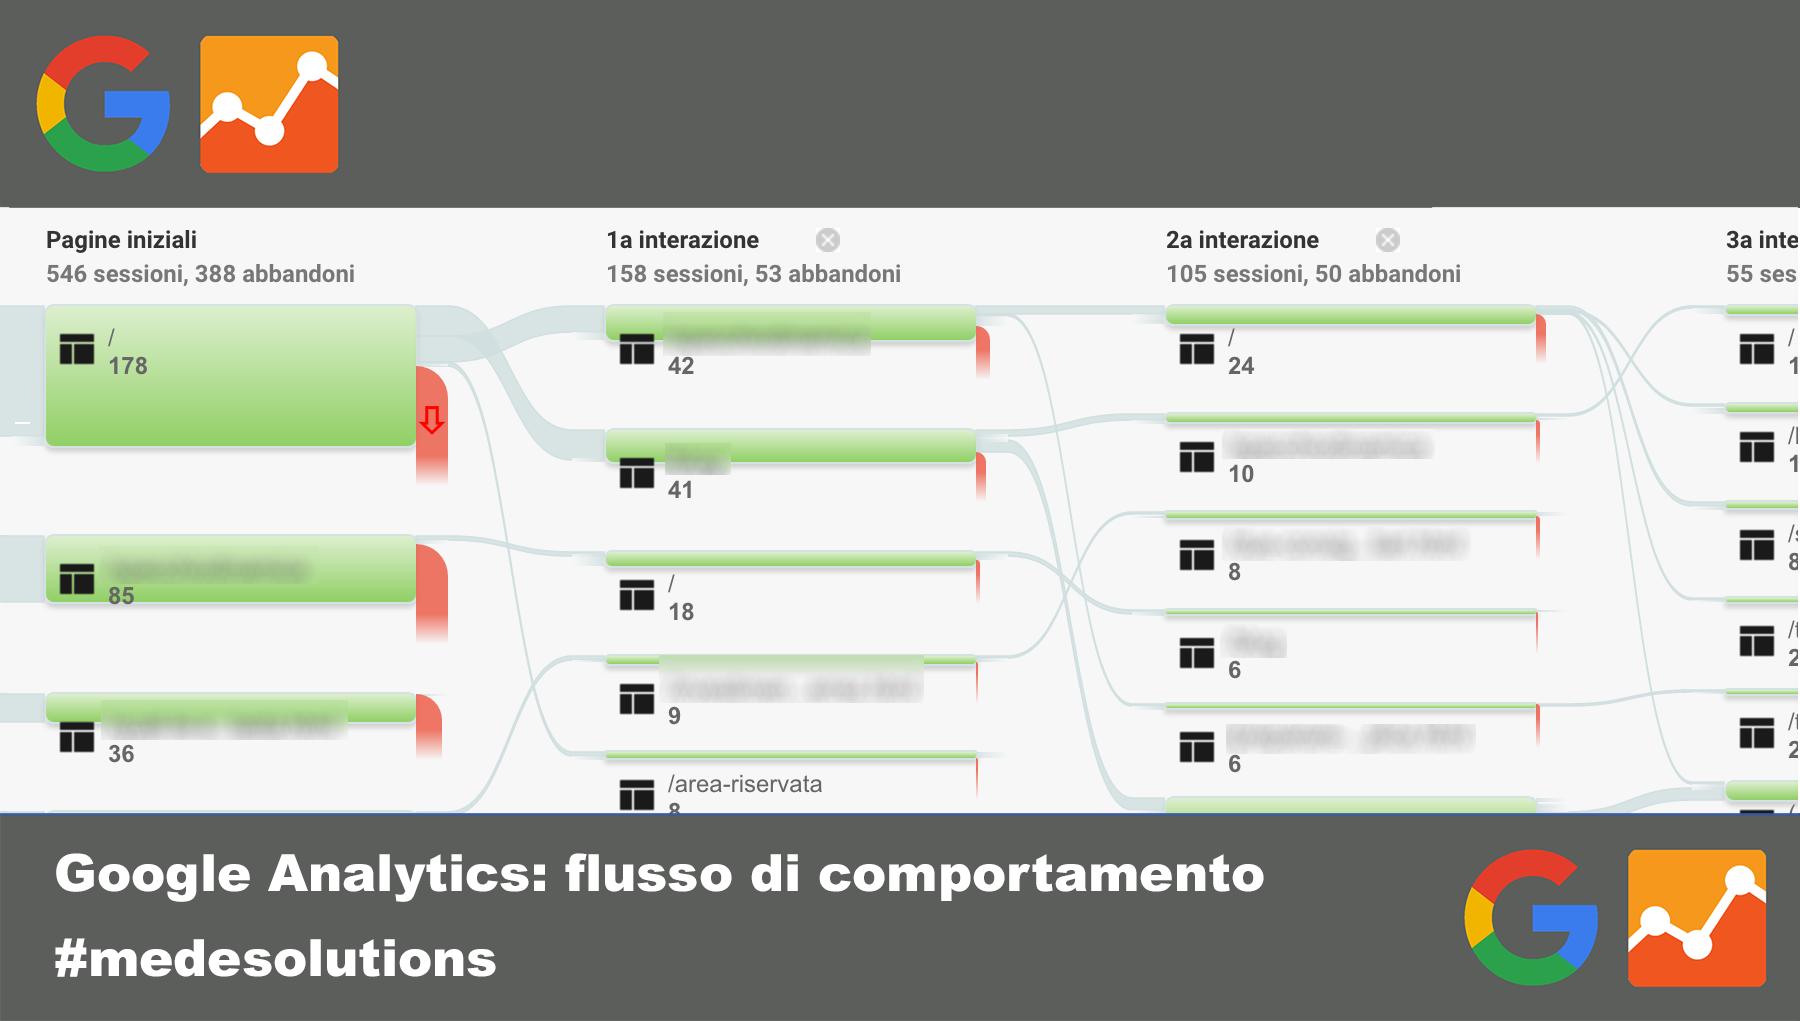 flusso di comportamento google analytics